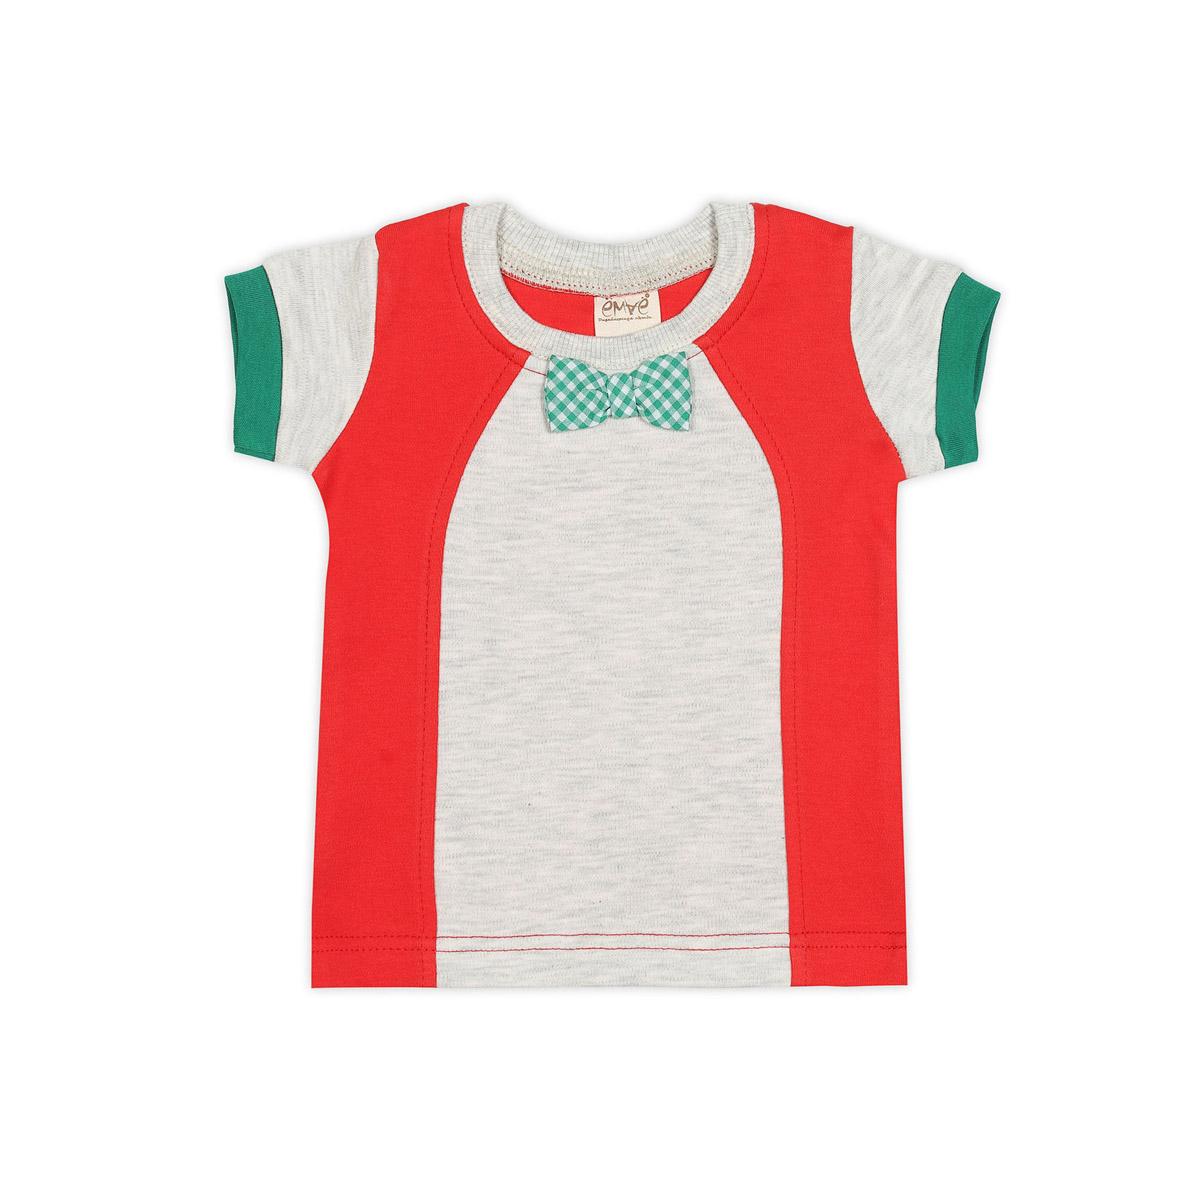 Футболка Ёмаё Хохлома (27-636) рост 74 светло серый меланж с красный<br>